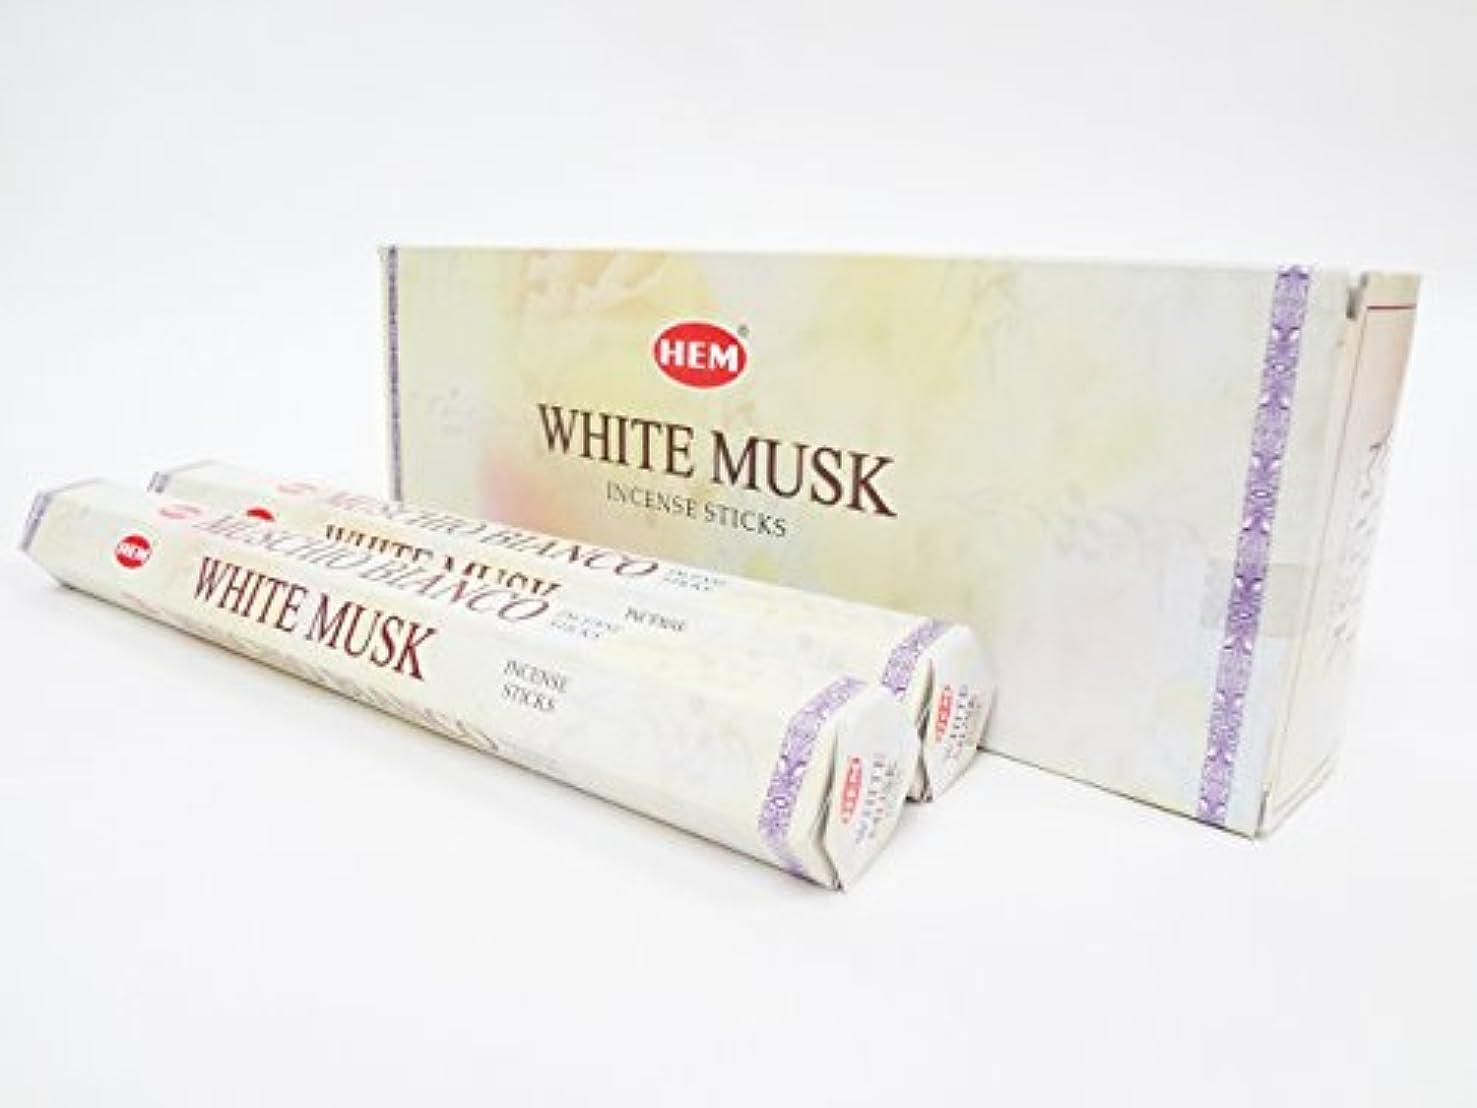 控えめな落ち着いて差HEM ヘム ホワイトムスク WHITEMUSK ステック お香 6本 セット